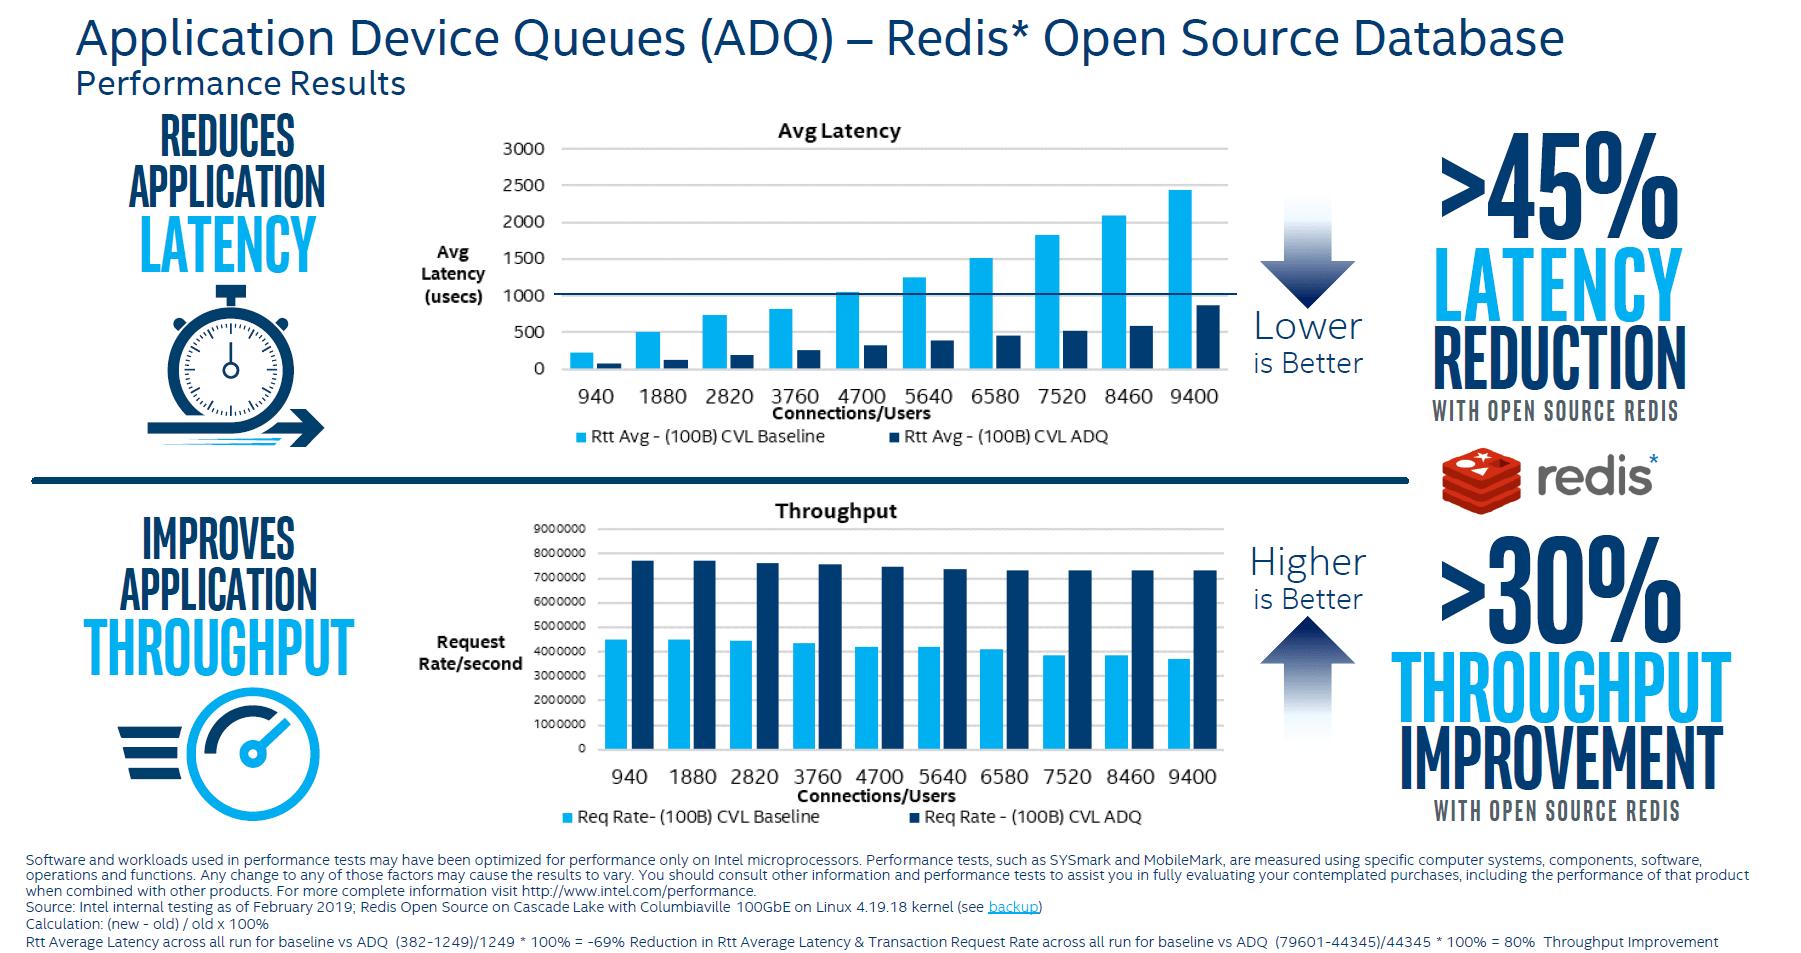 Intel ADQ